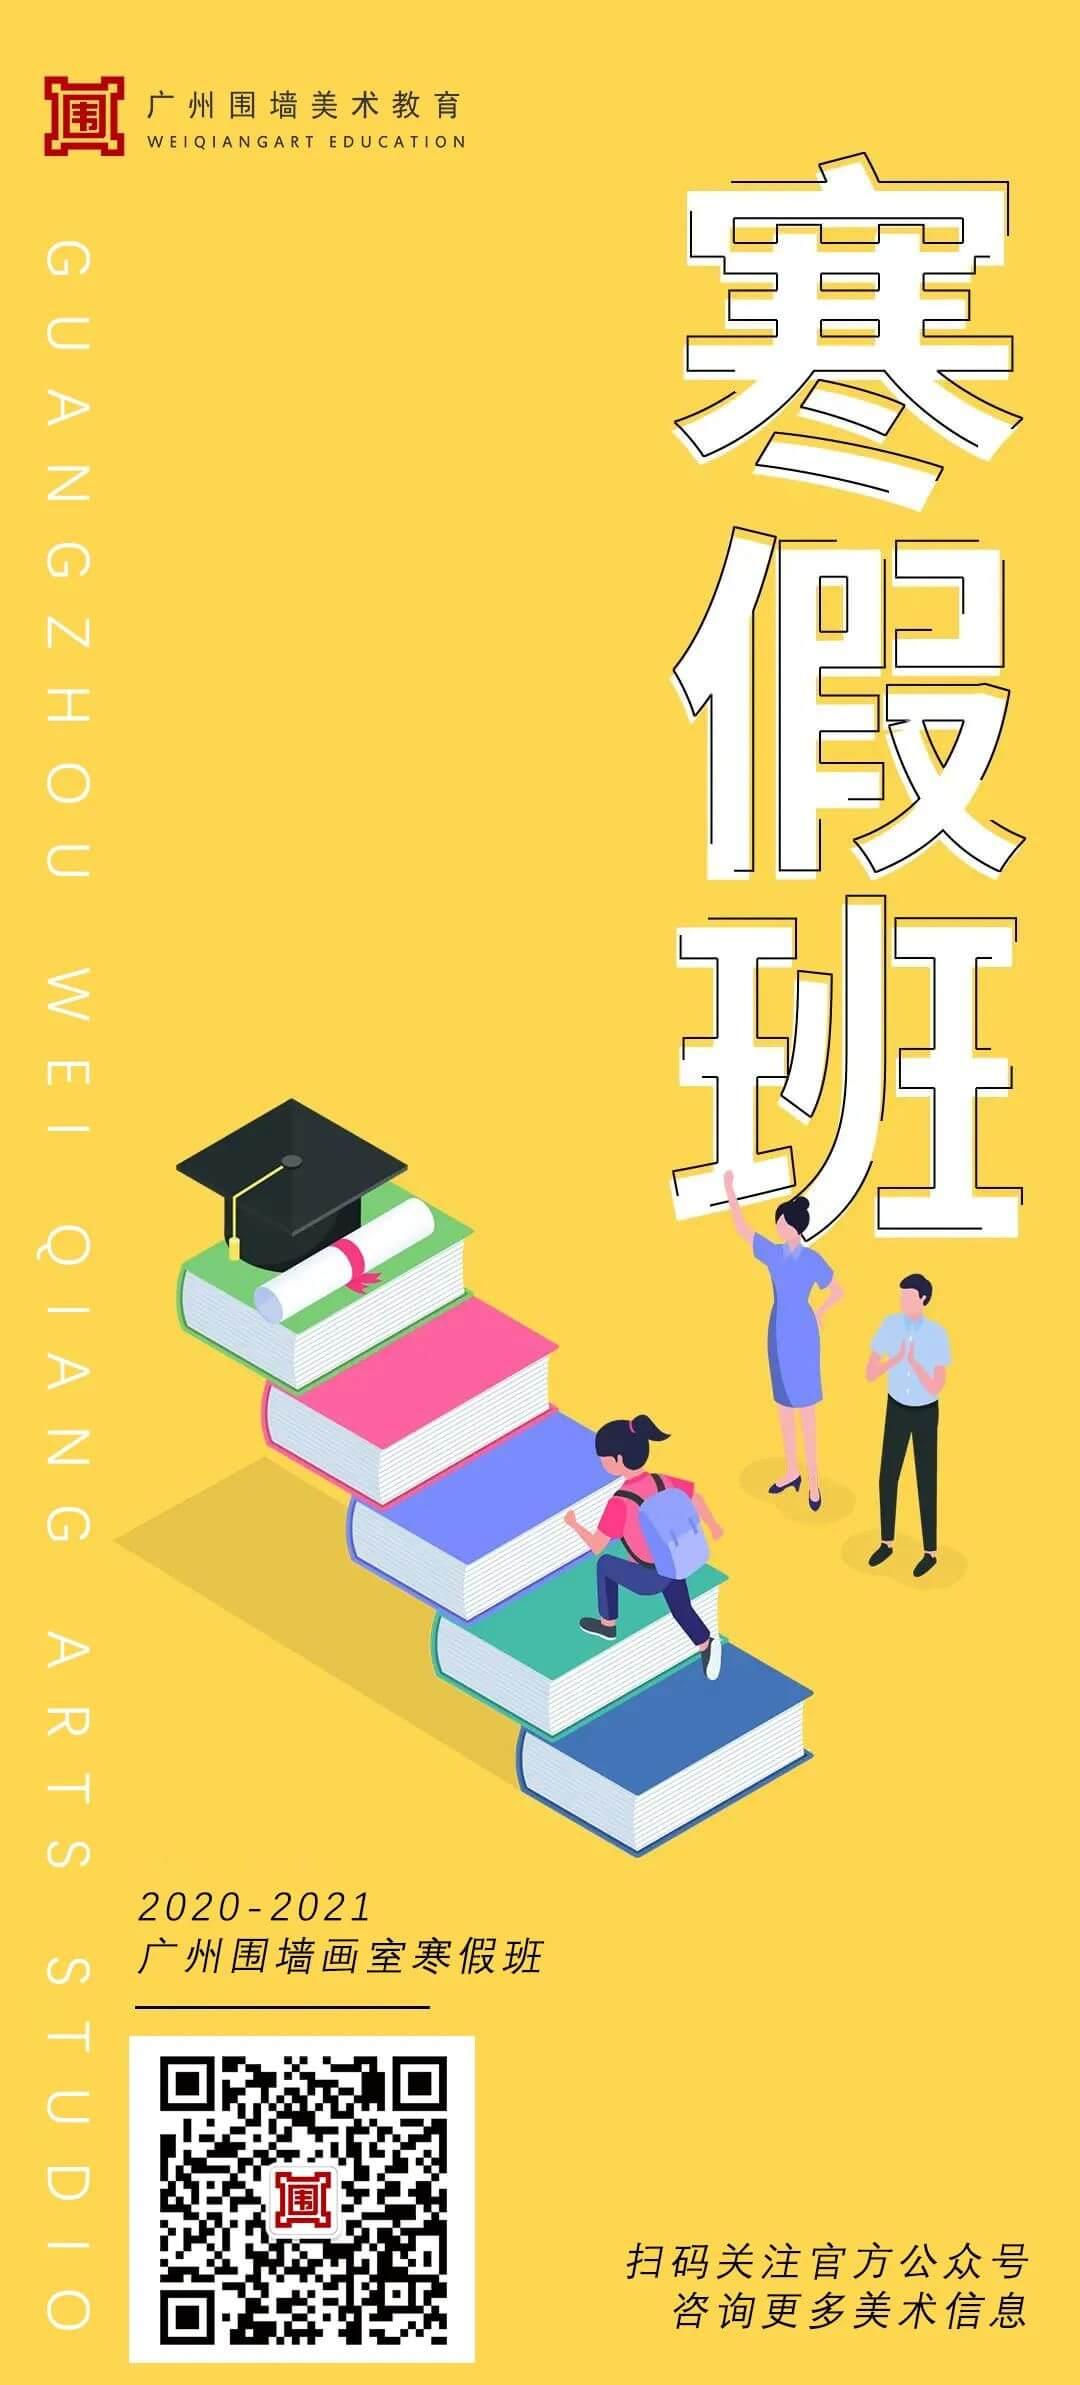 【广州围墙画室寒假班预报名已开启】为梦而生,传奇由你缔造附图1